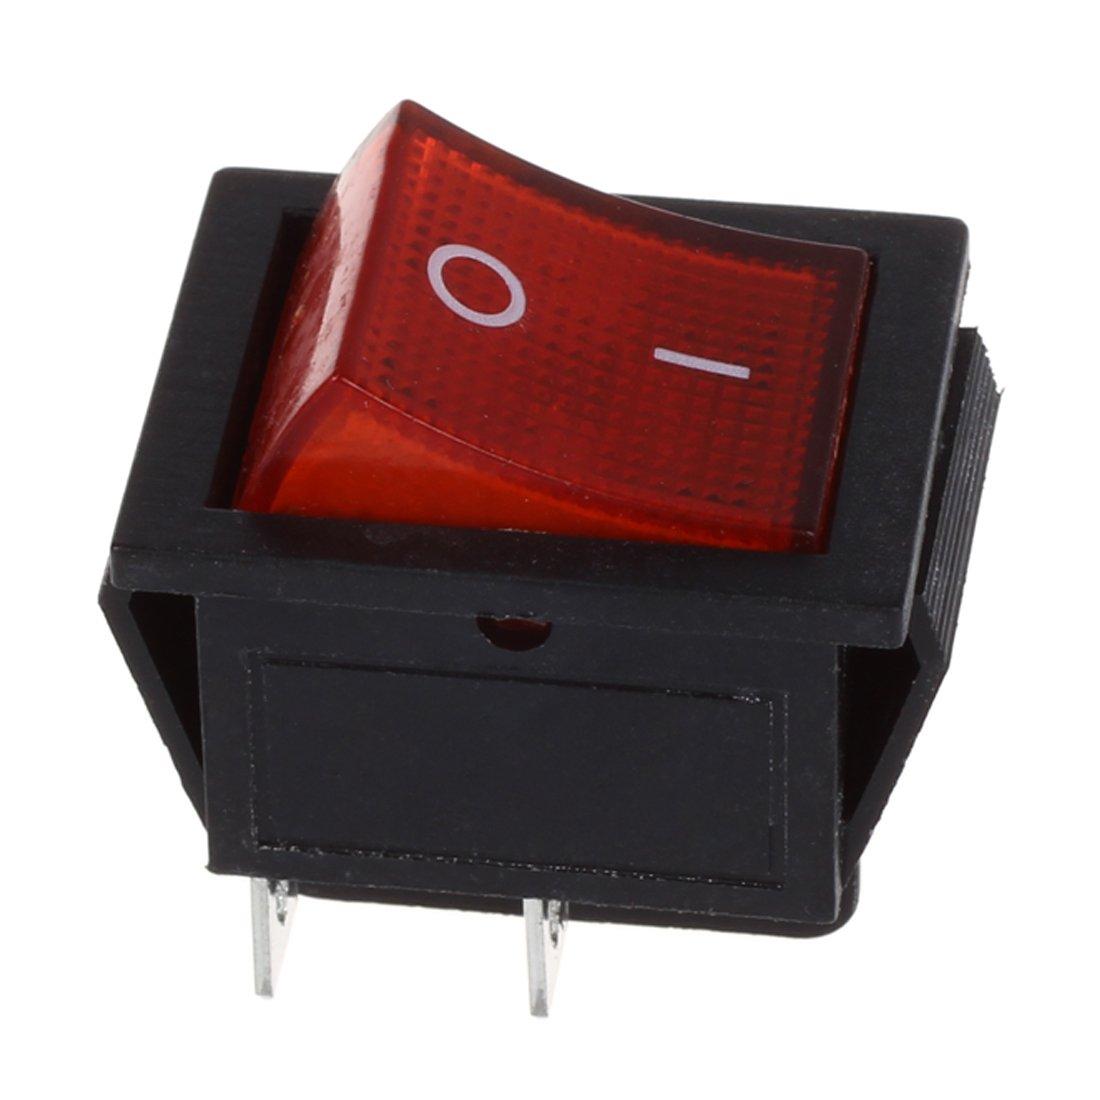 REFURBISHHOUSE 1 x basculeur//interrupteur /à bascule ON//OFF Rouge et noir 4 broches 15A//250V 20A//125V AC 28x22mm